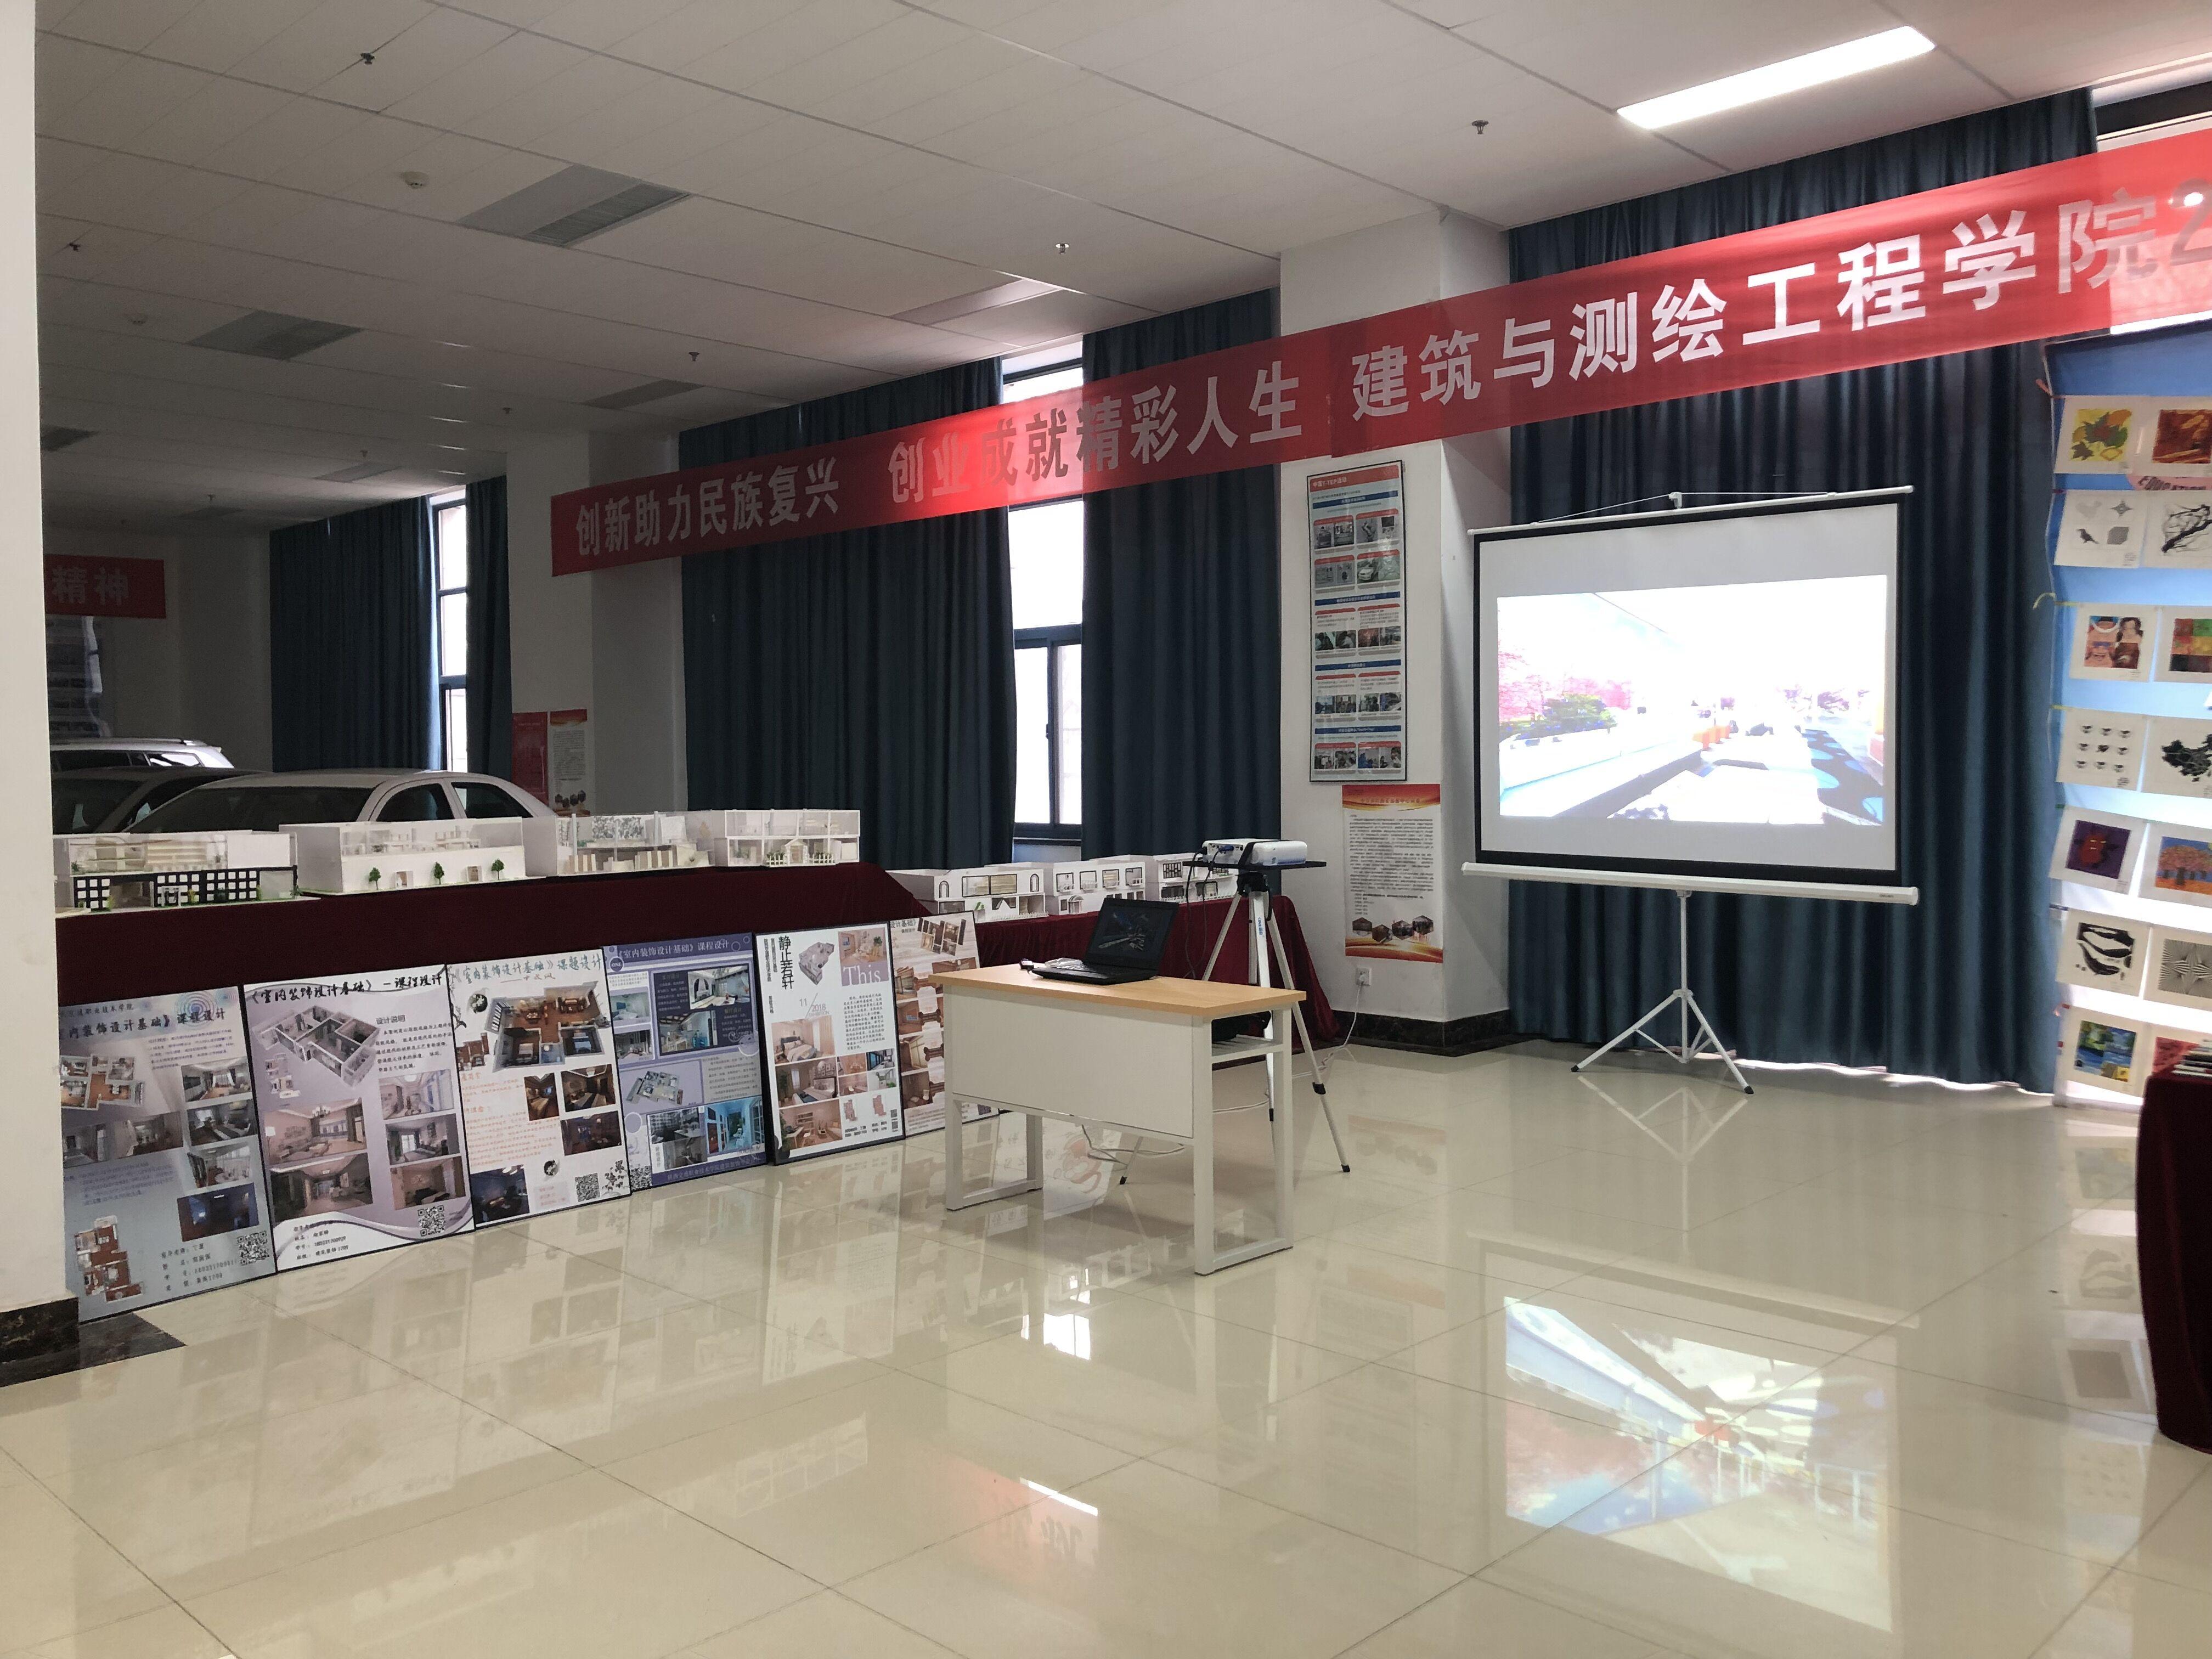 建筑与测绘工程学院成功举办2018年度学生优秀作业作品展